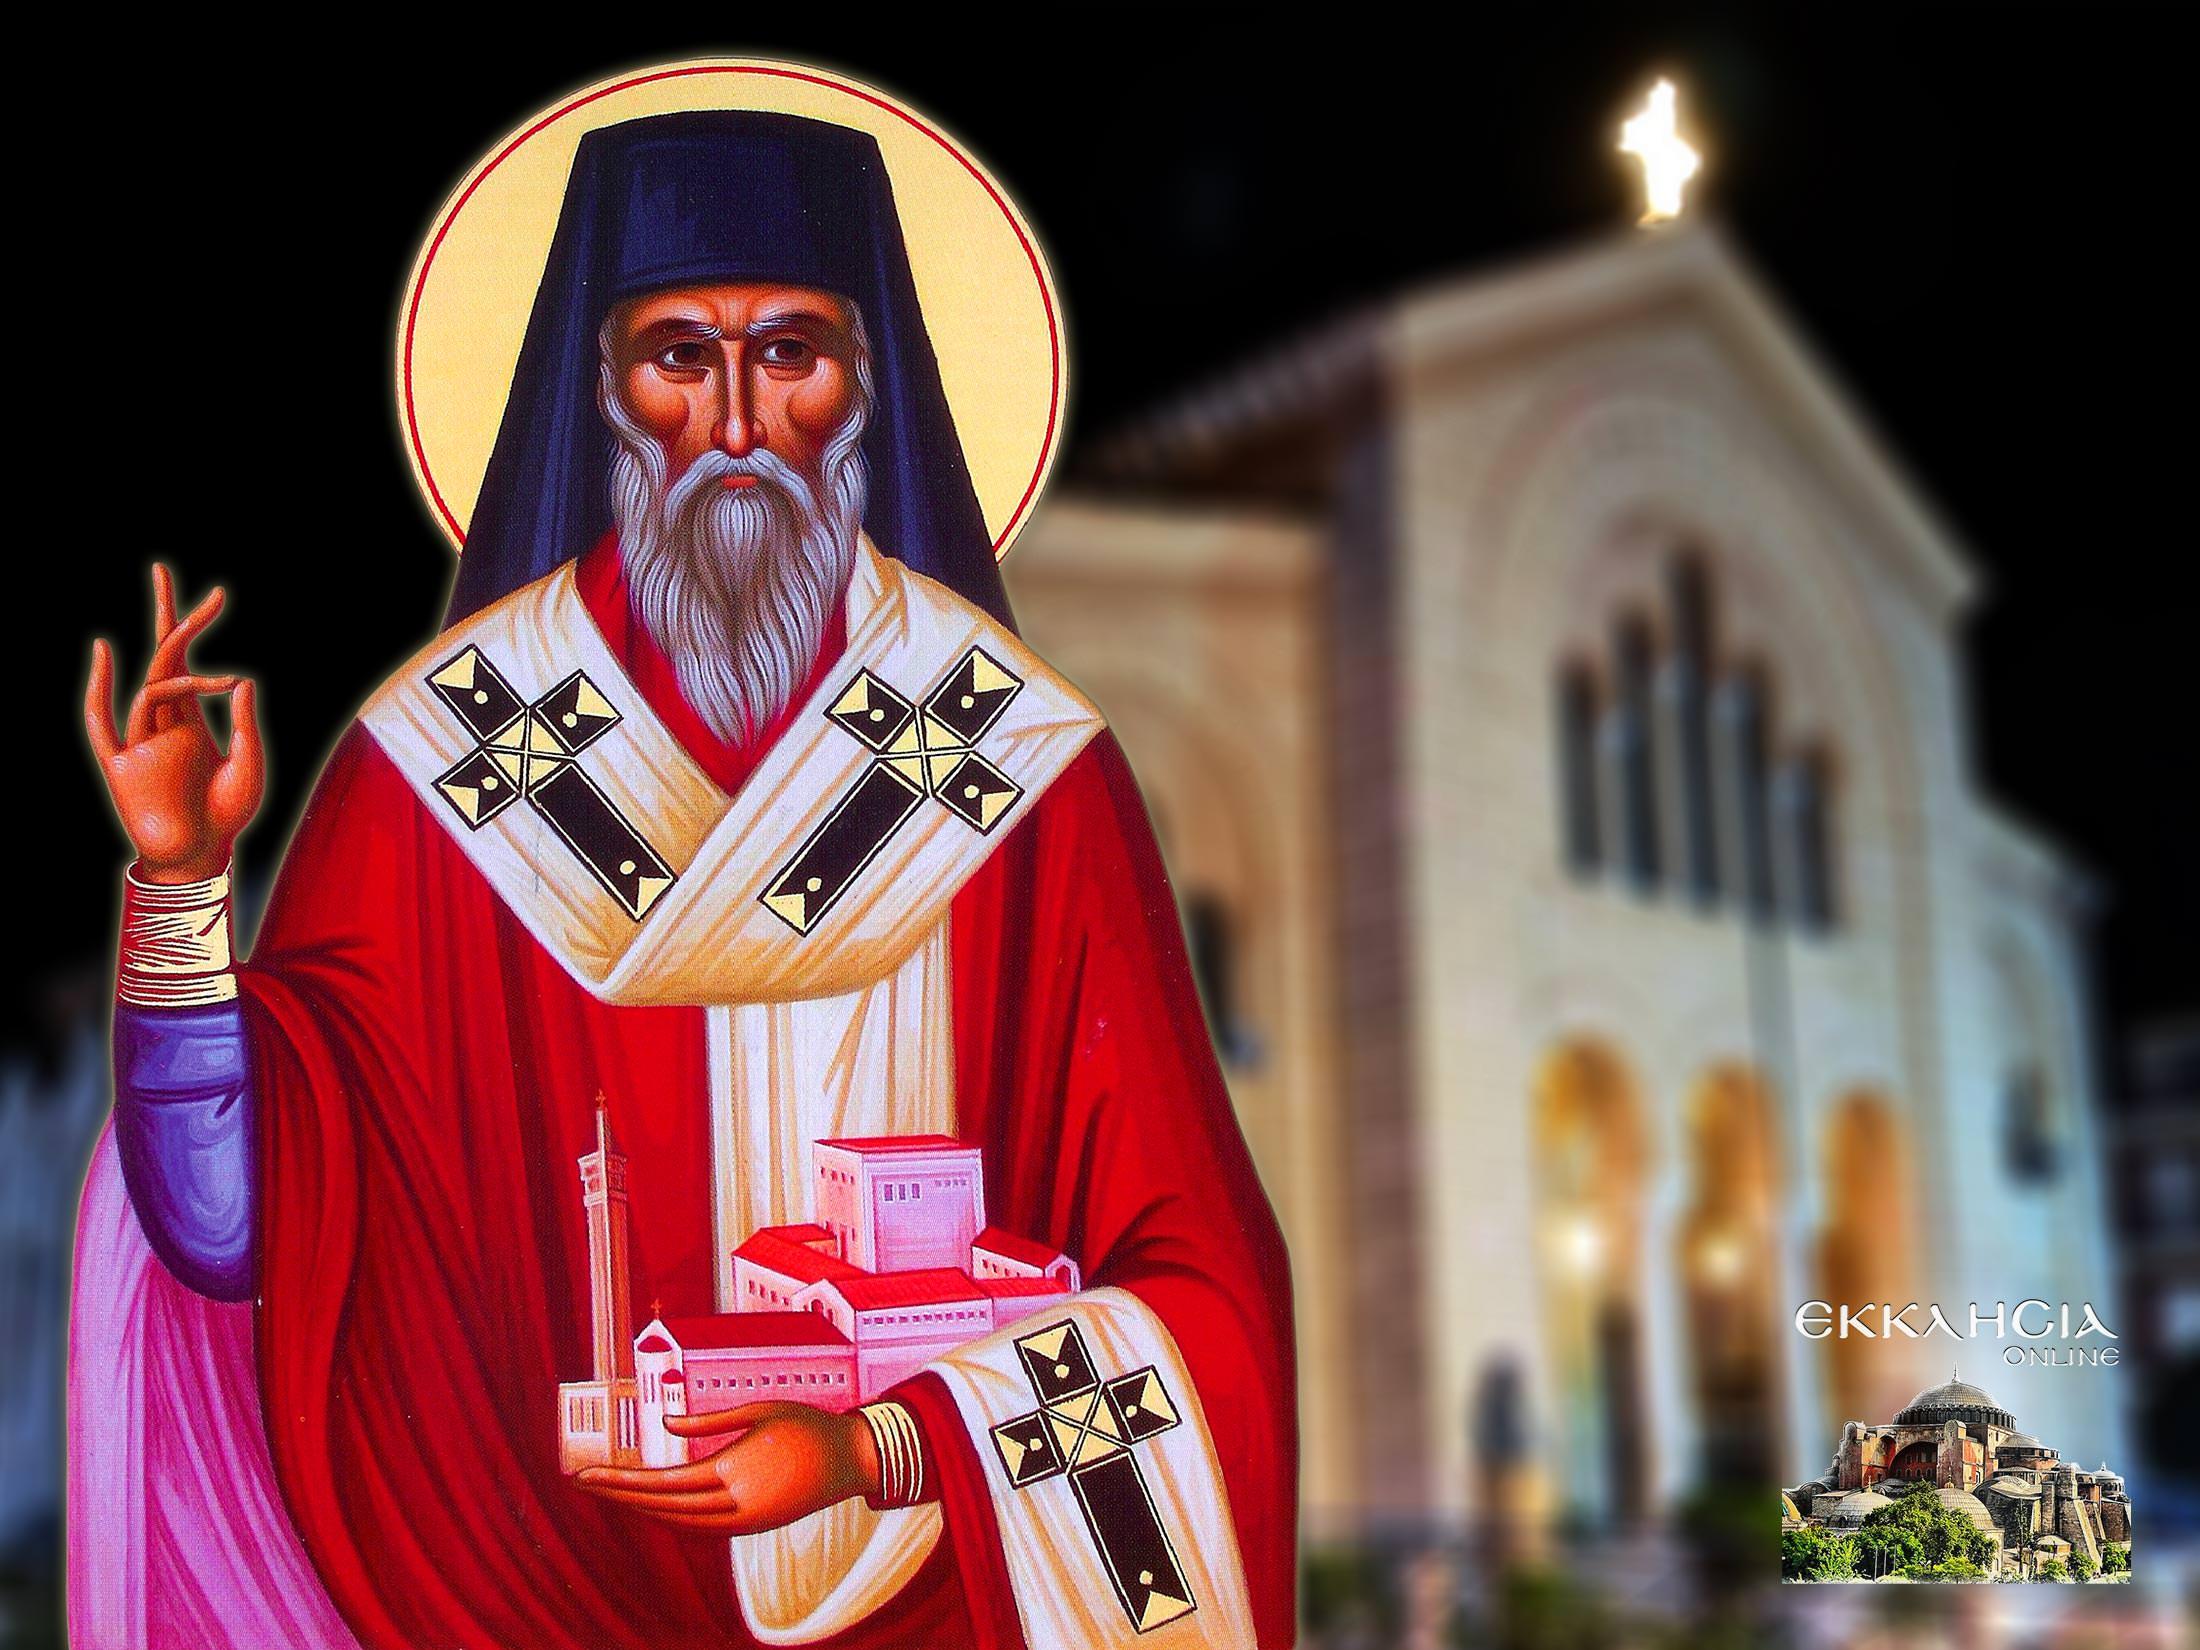 Άγιος Διονύσιος Ζακυνθινός 17 Δεκεμβρίου